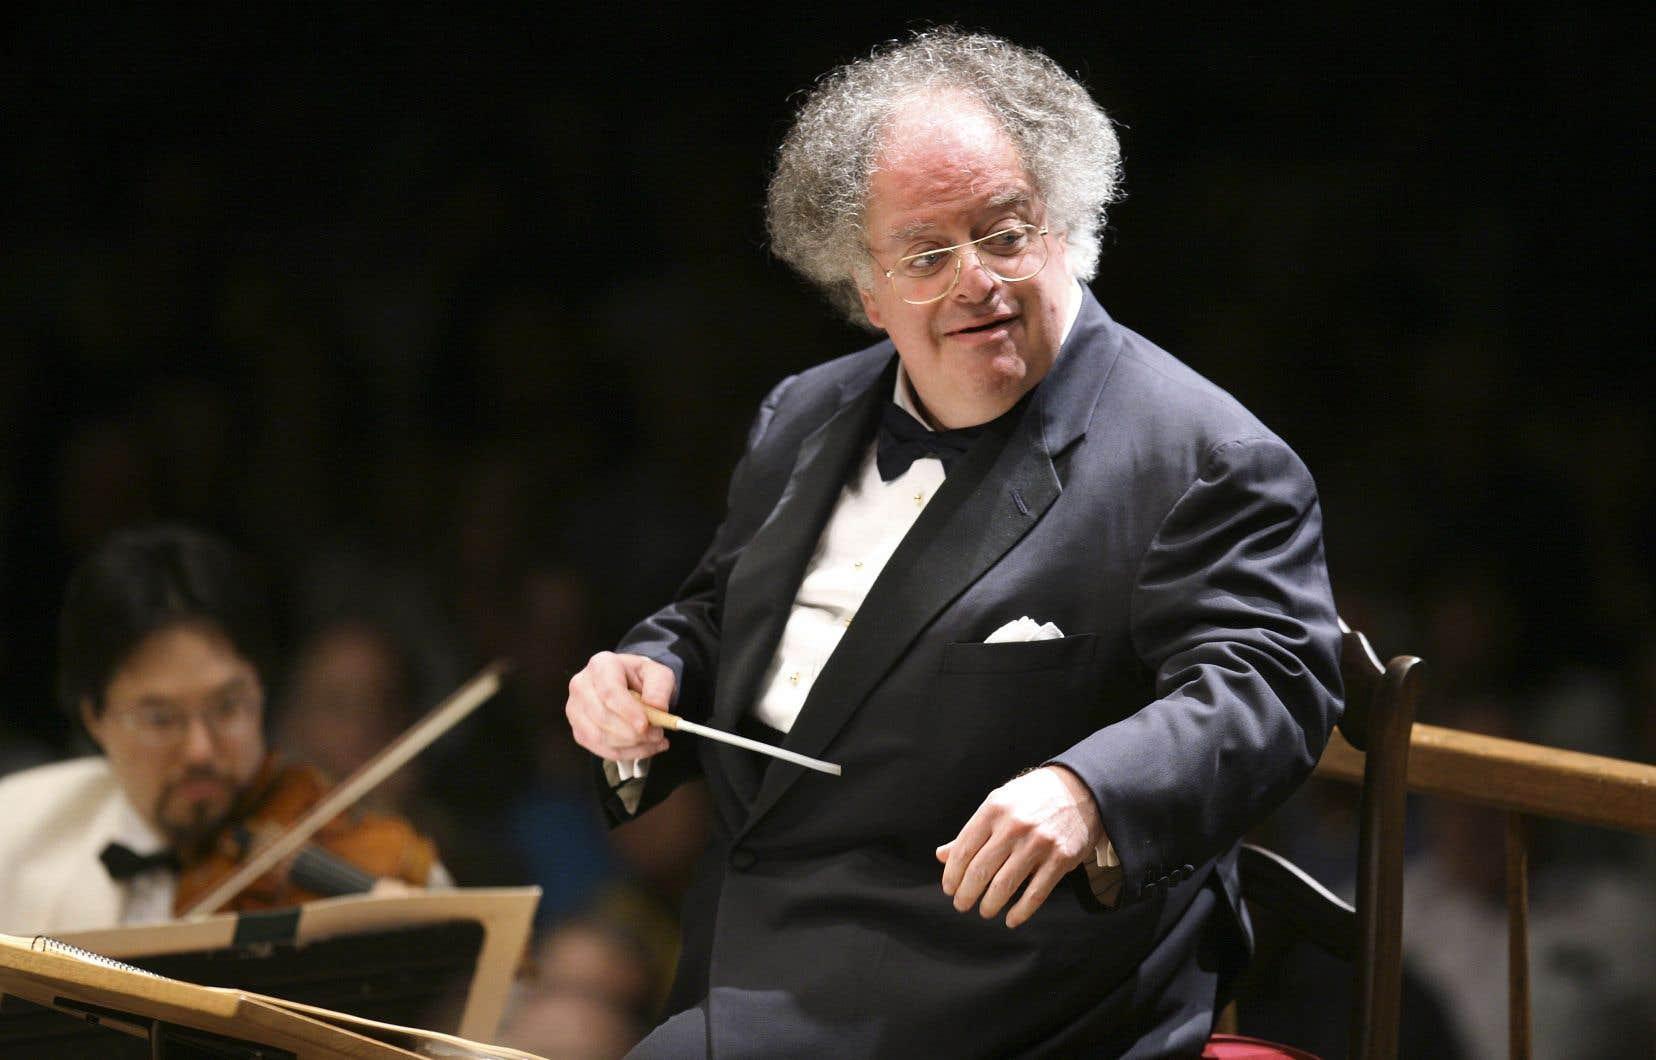 Une enquête a mis en lumière des preuves crédibles d'agressions et de harcèlement sexuels de la part du chef d'orchestre James Levine avant et pendant son mandat au Met.